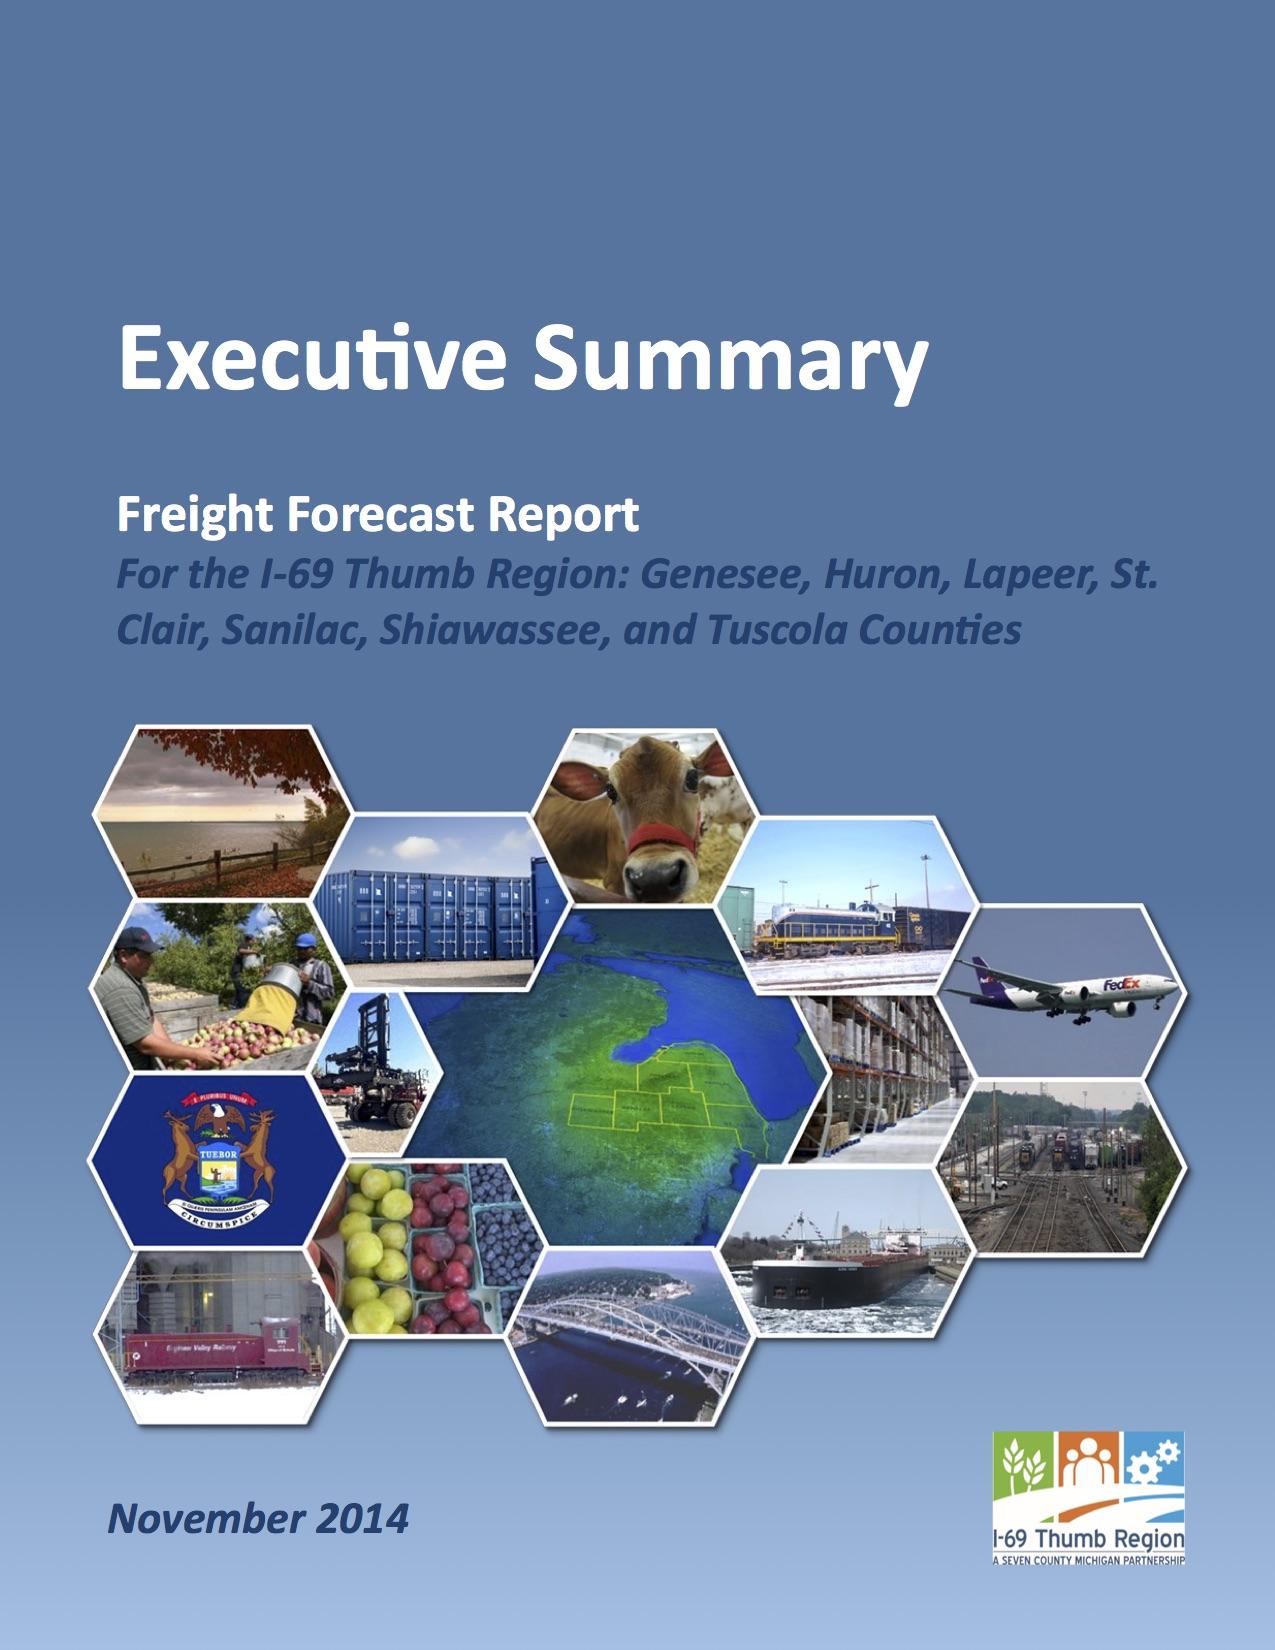 1-69 Thumb Freight Executive Summary